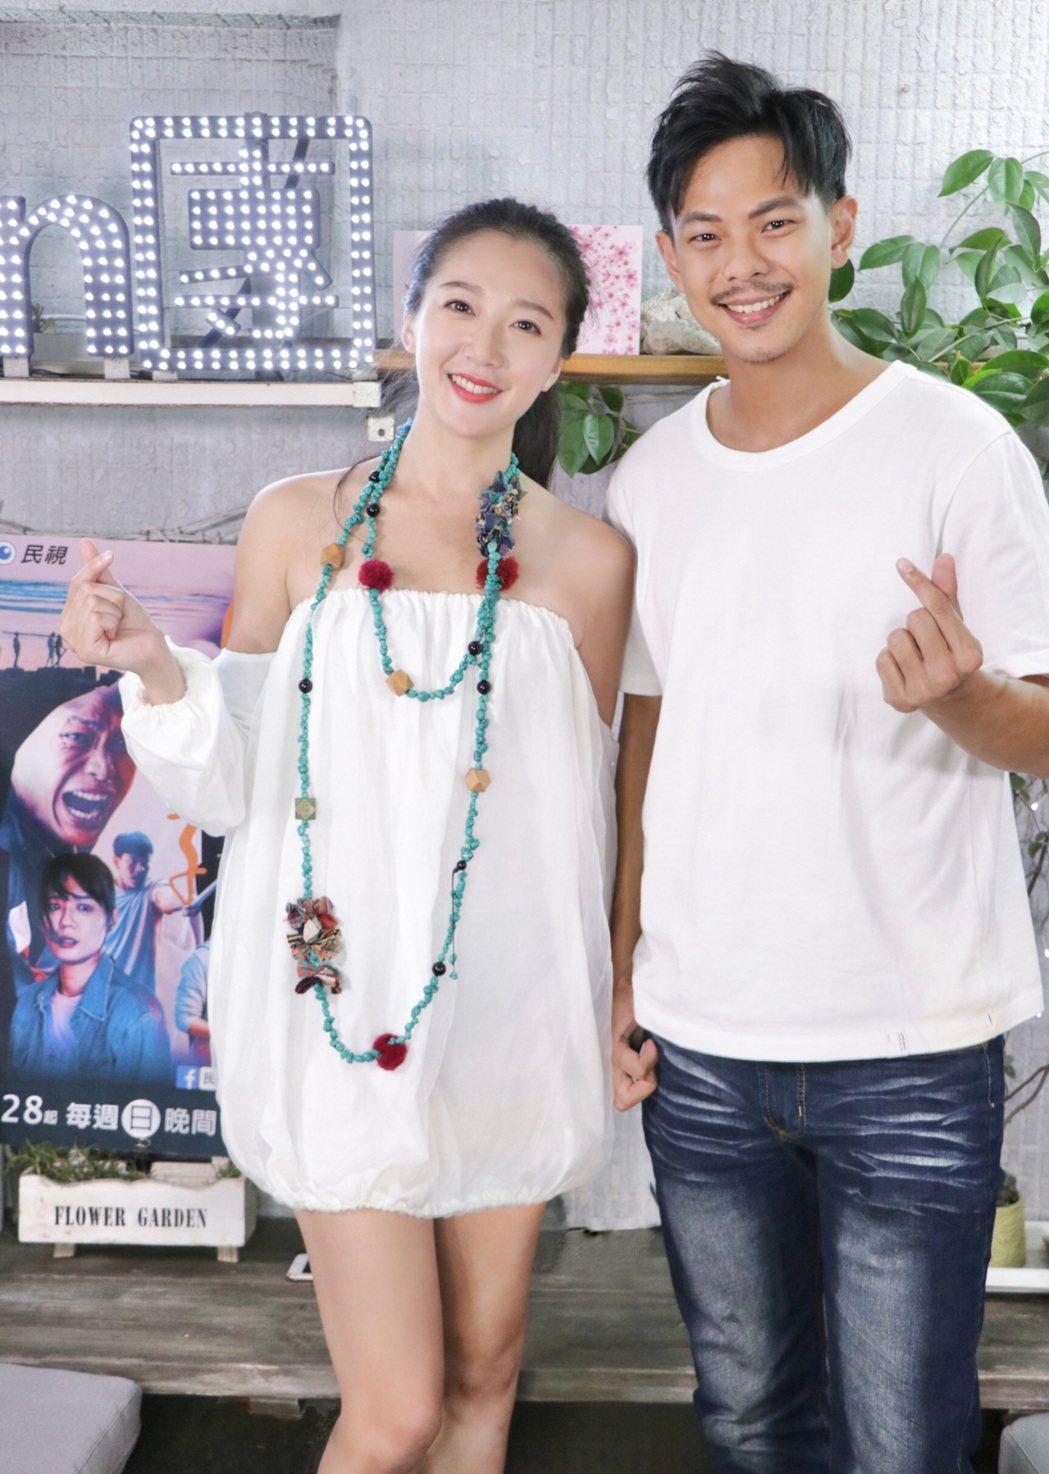 孫綻(右)、李相林宣傳新戲「無主之子」,一邊吃越南美食一邊回味拍戲過程。圖/民視...